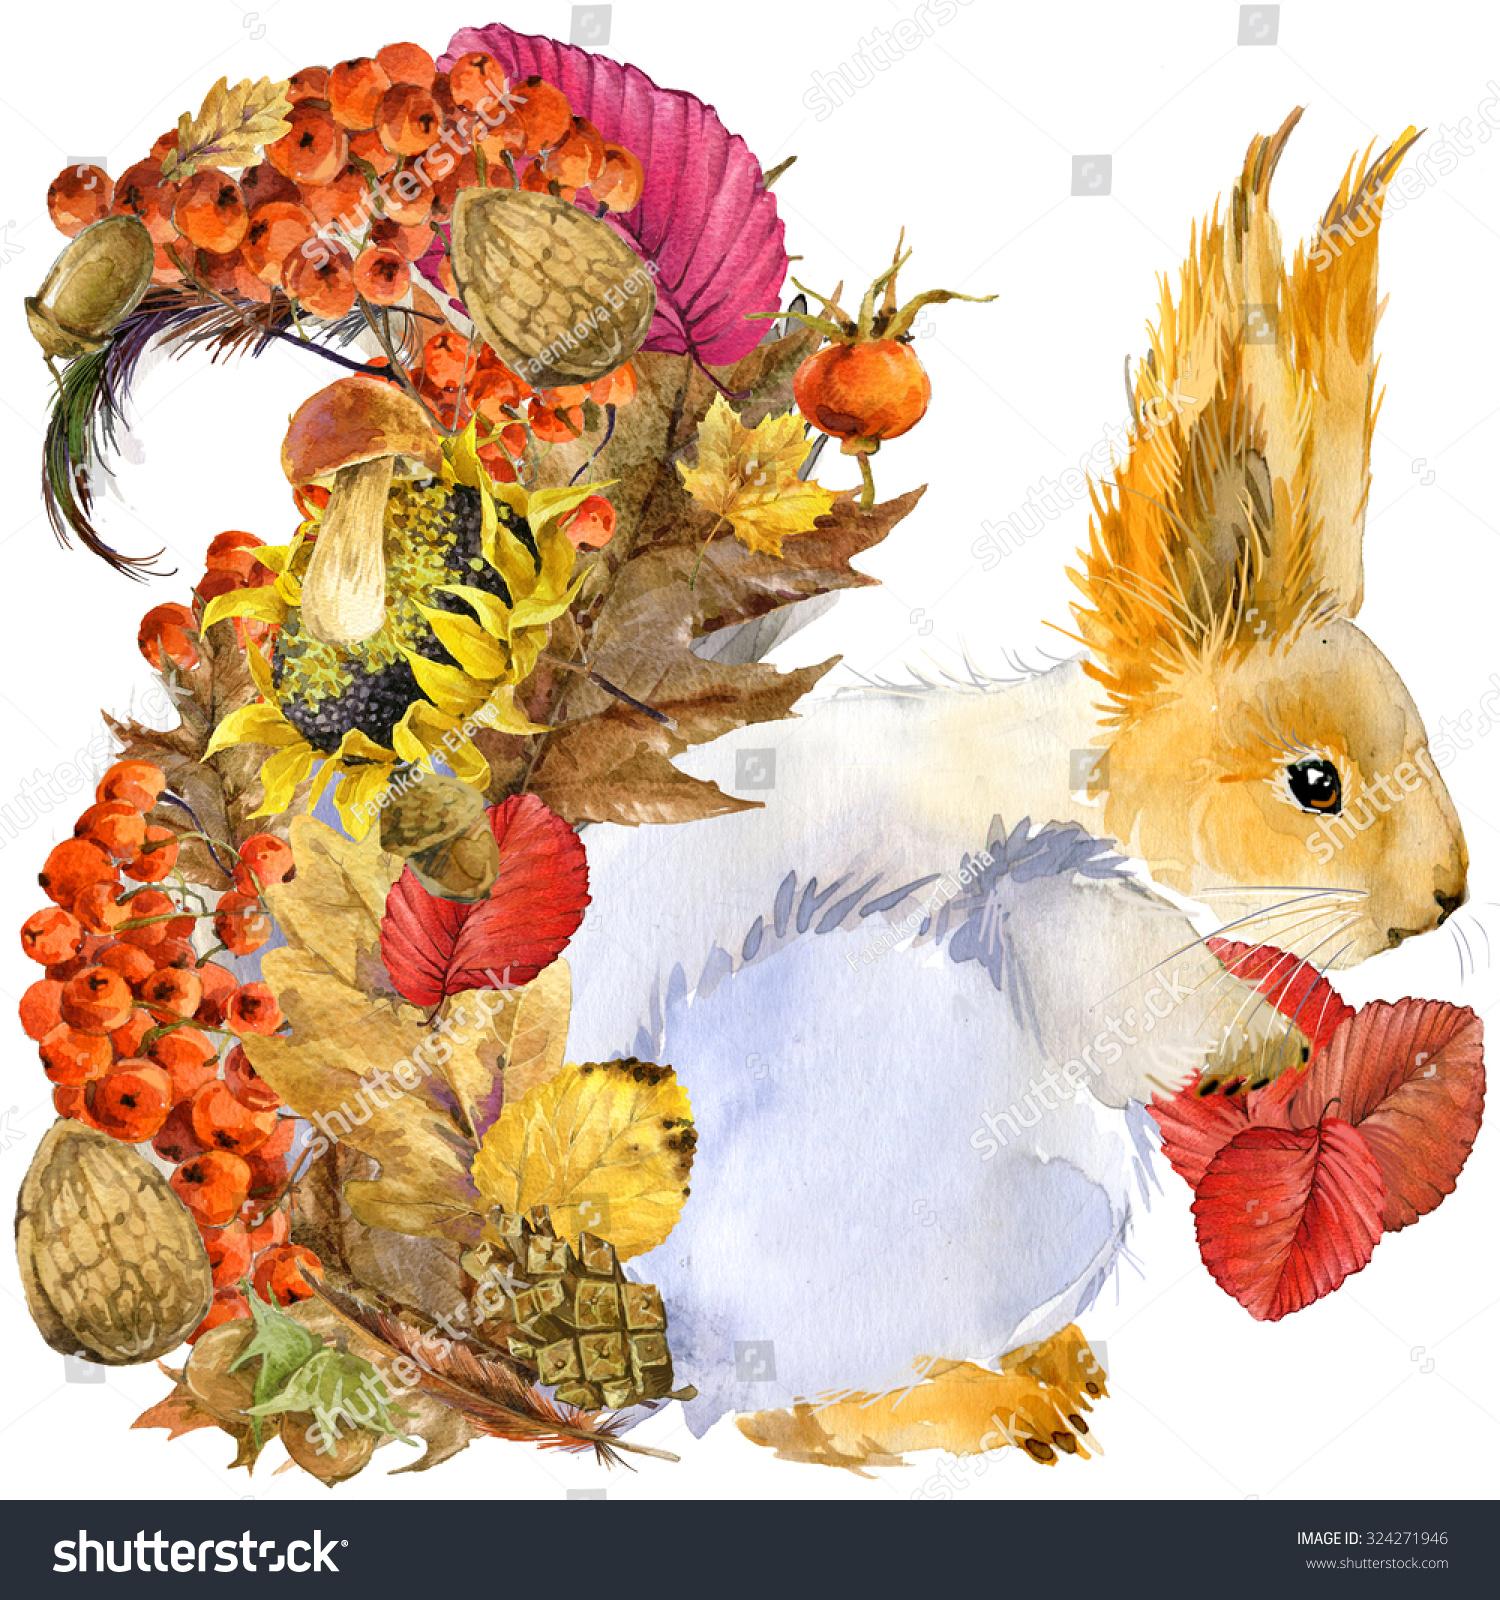 森林动物松鼠,秋天大自然丰富多彩的叶子背景,水果,浆果,蘑菇,黄色的